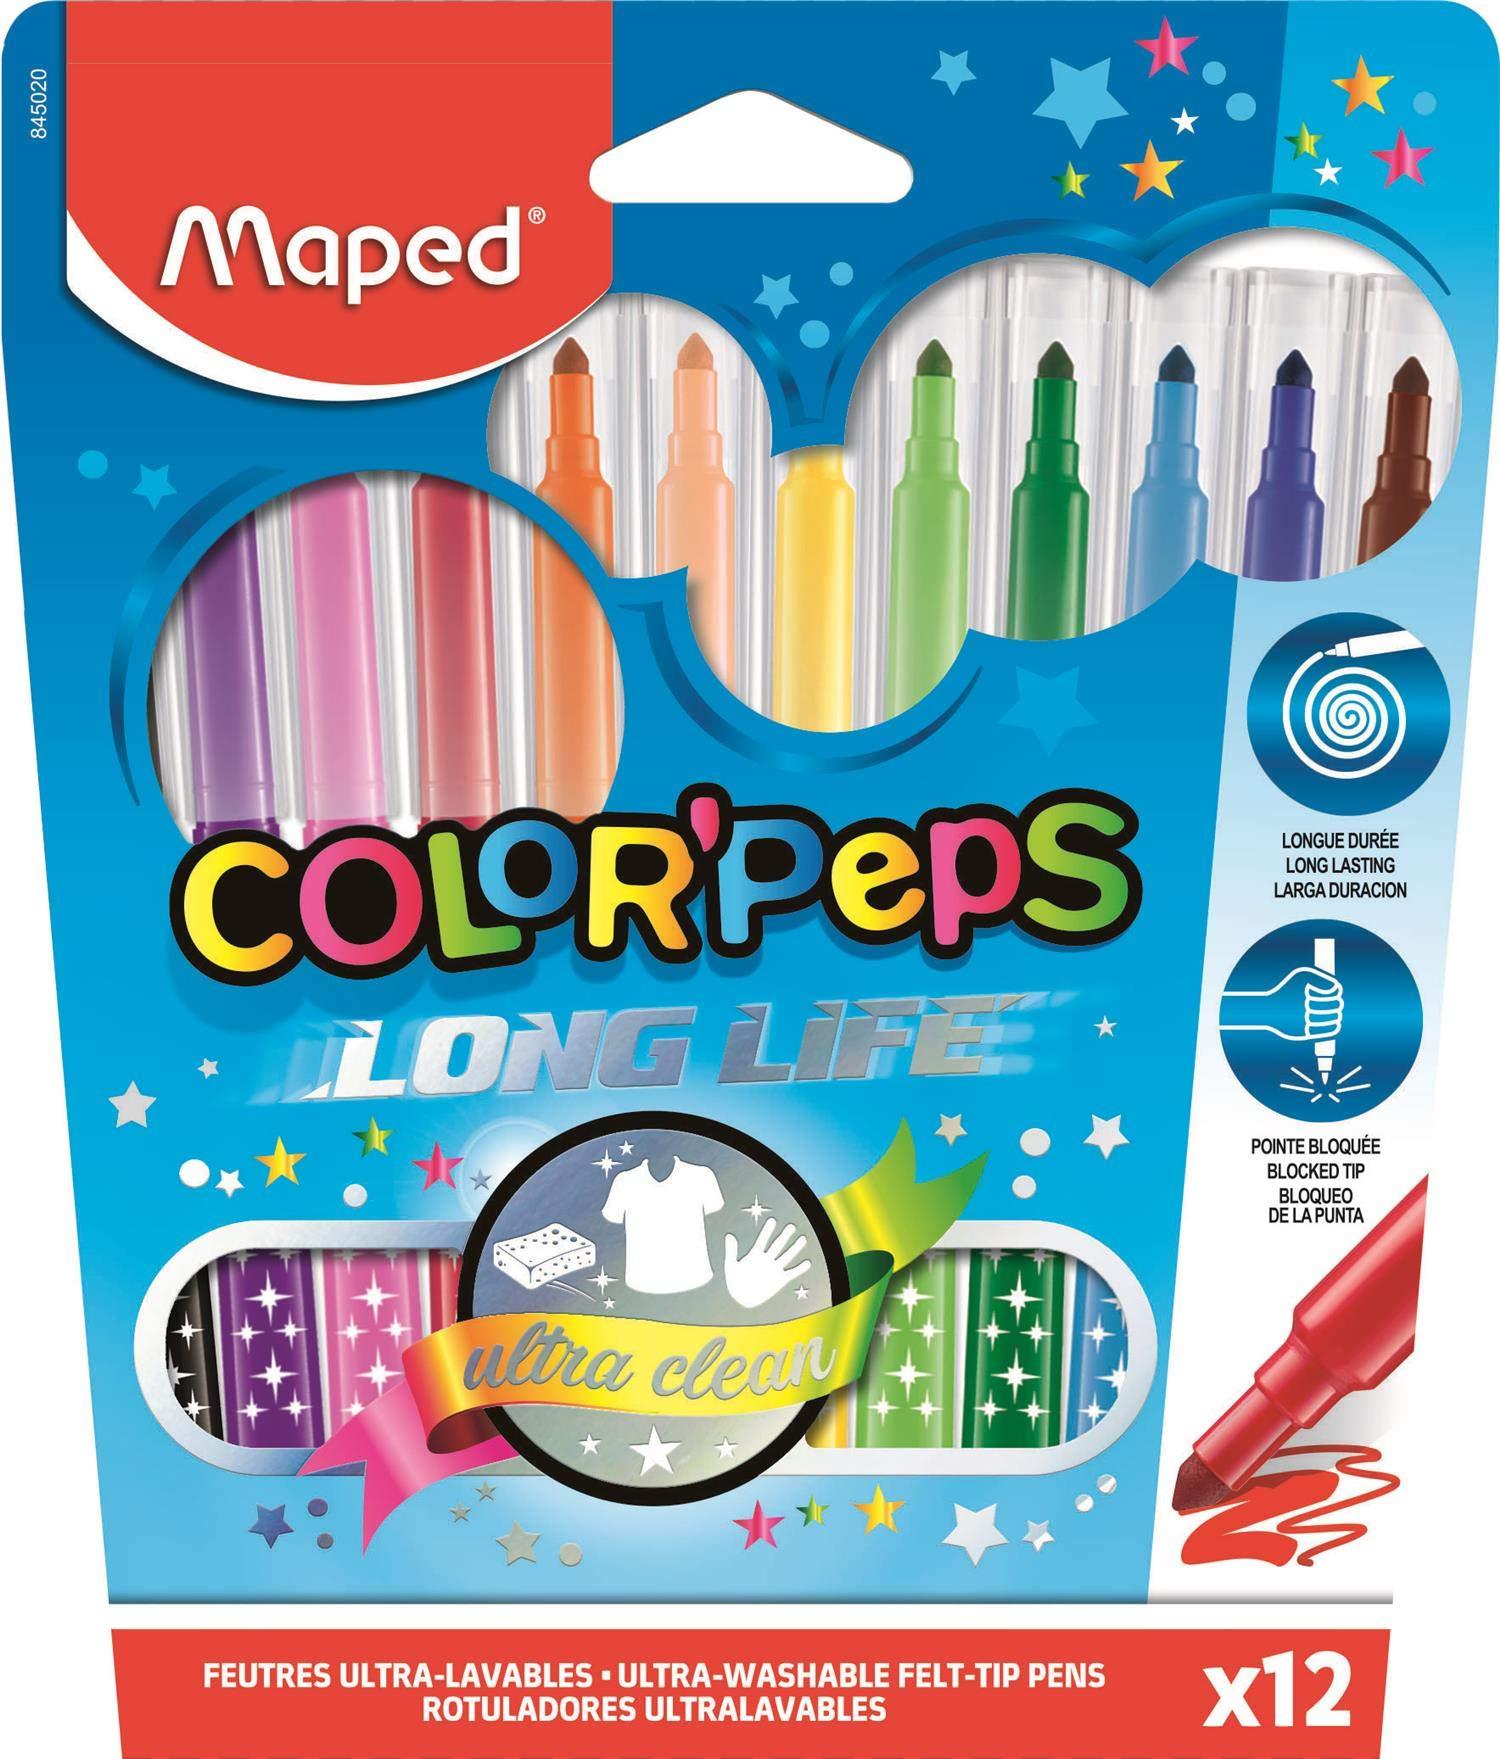 Maped Color Peps Long Life - Pack de 12 rotuladores con estuche de cartón: Amazon.es: Oficina y papelería